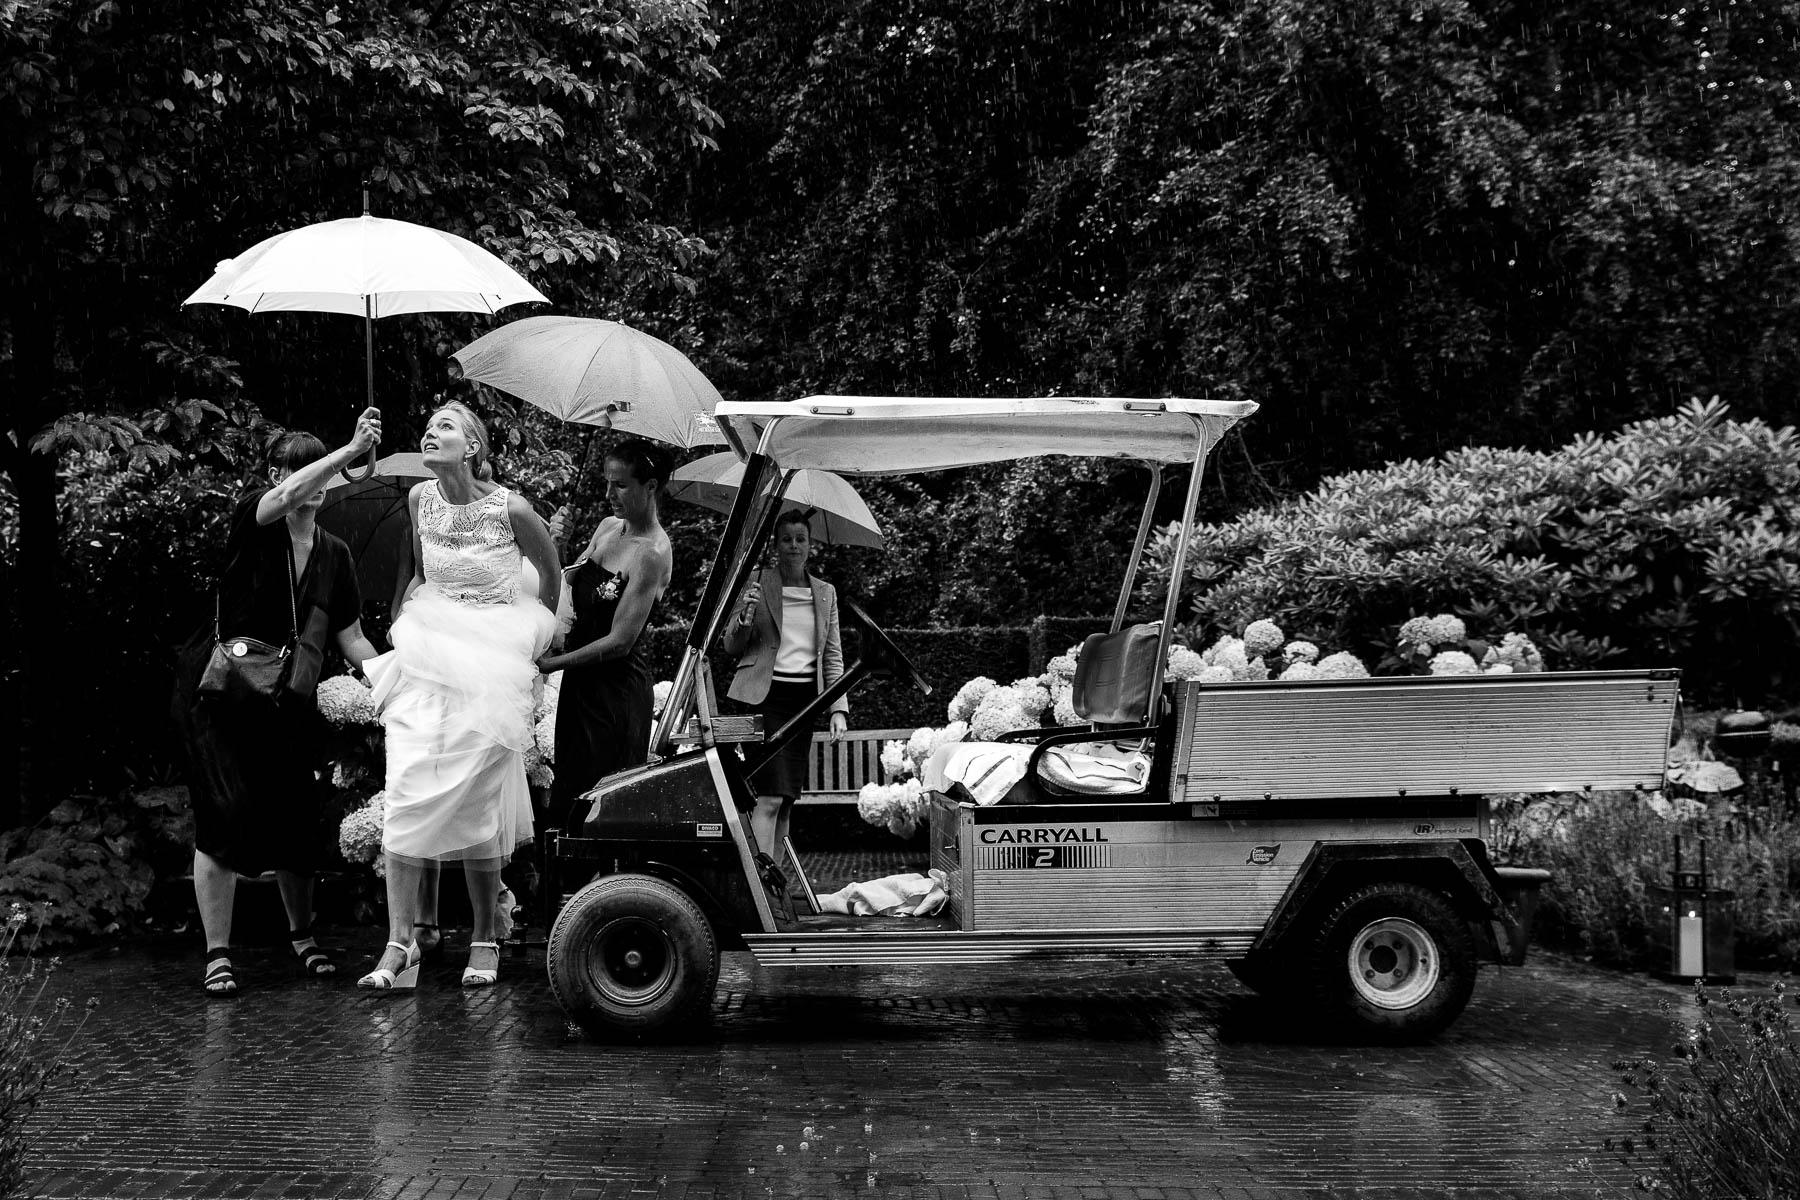 Mooiste trouwfoto  | Regen op je bruiloft | Zwart wit trouwfoto